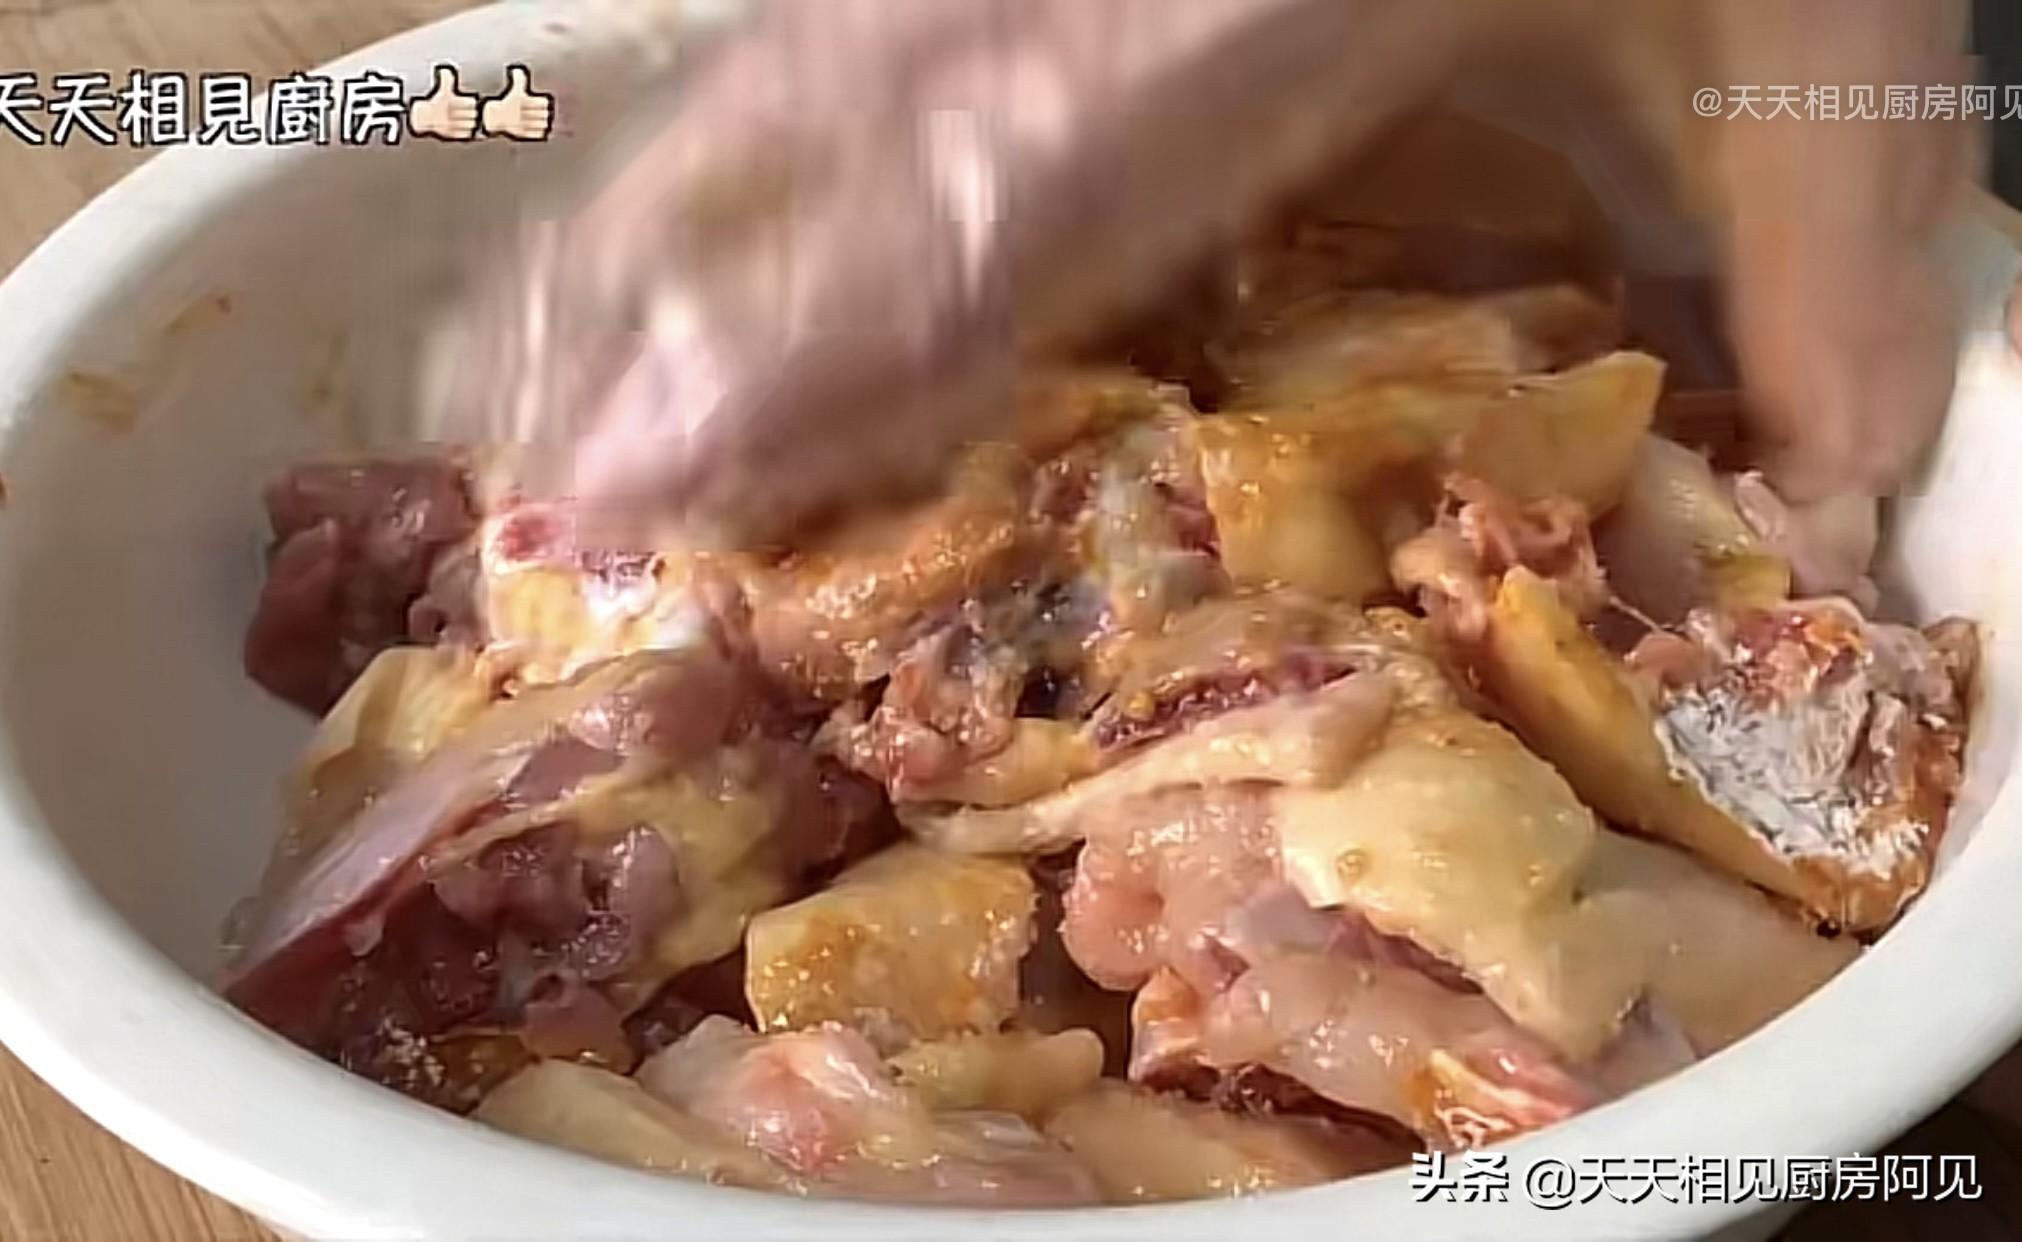 清蒸雞就是這麼簡單,做法步驟都在這,雞肉嫩滑,每次一隻不夠吃